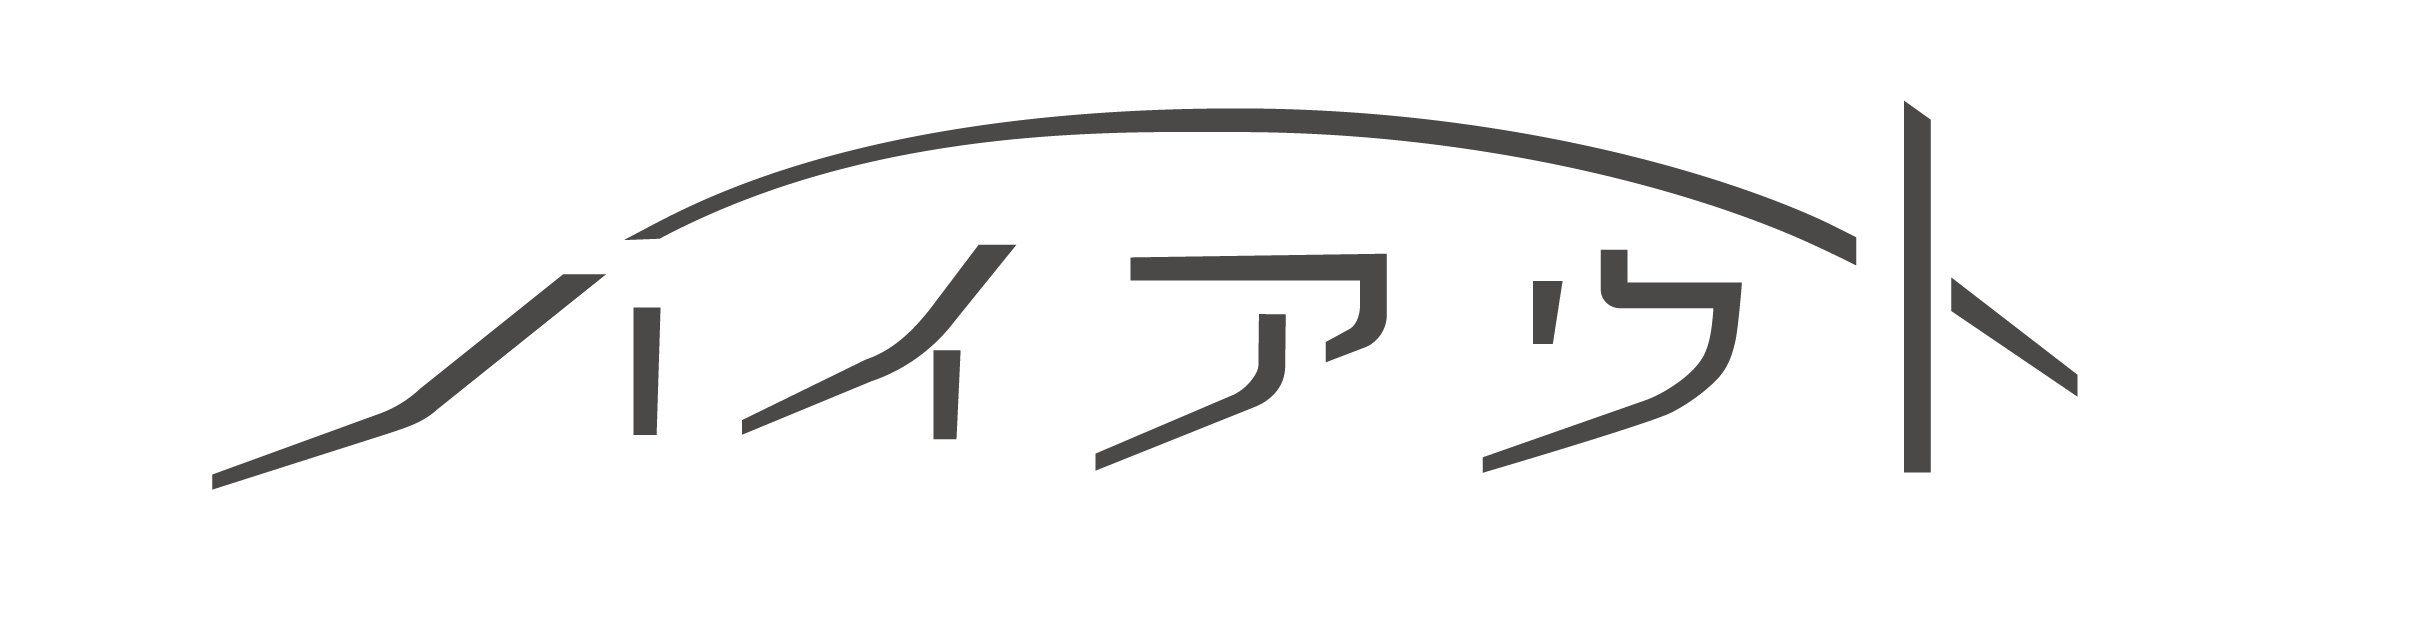 株式会社ハイアウト